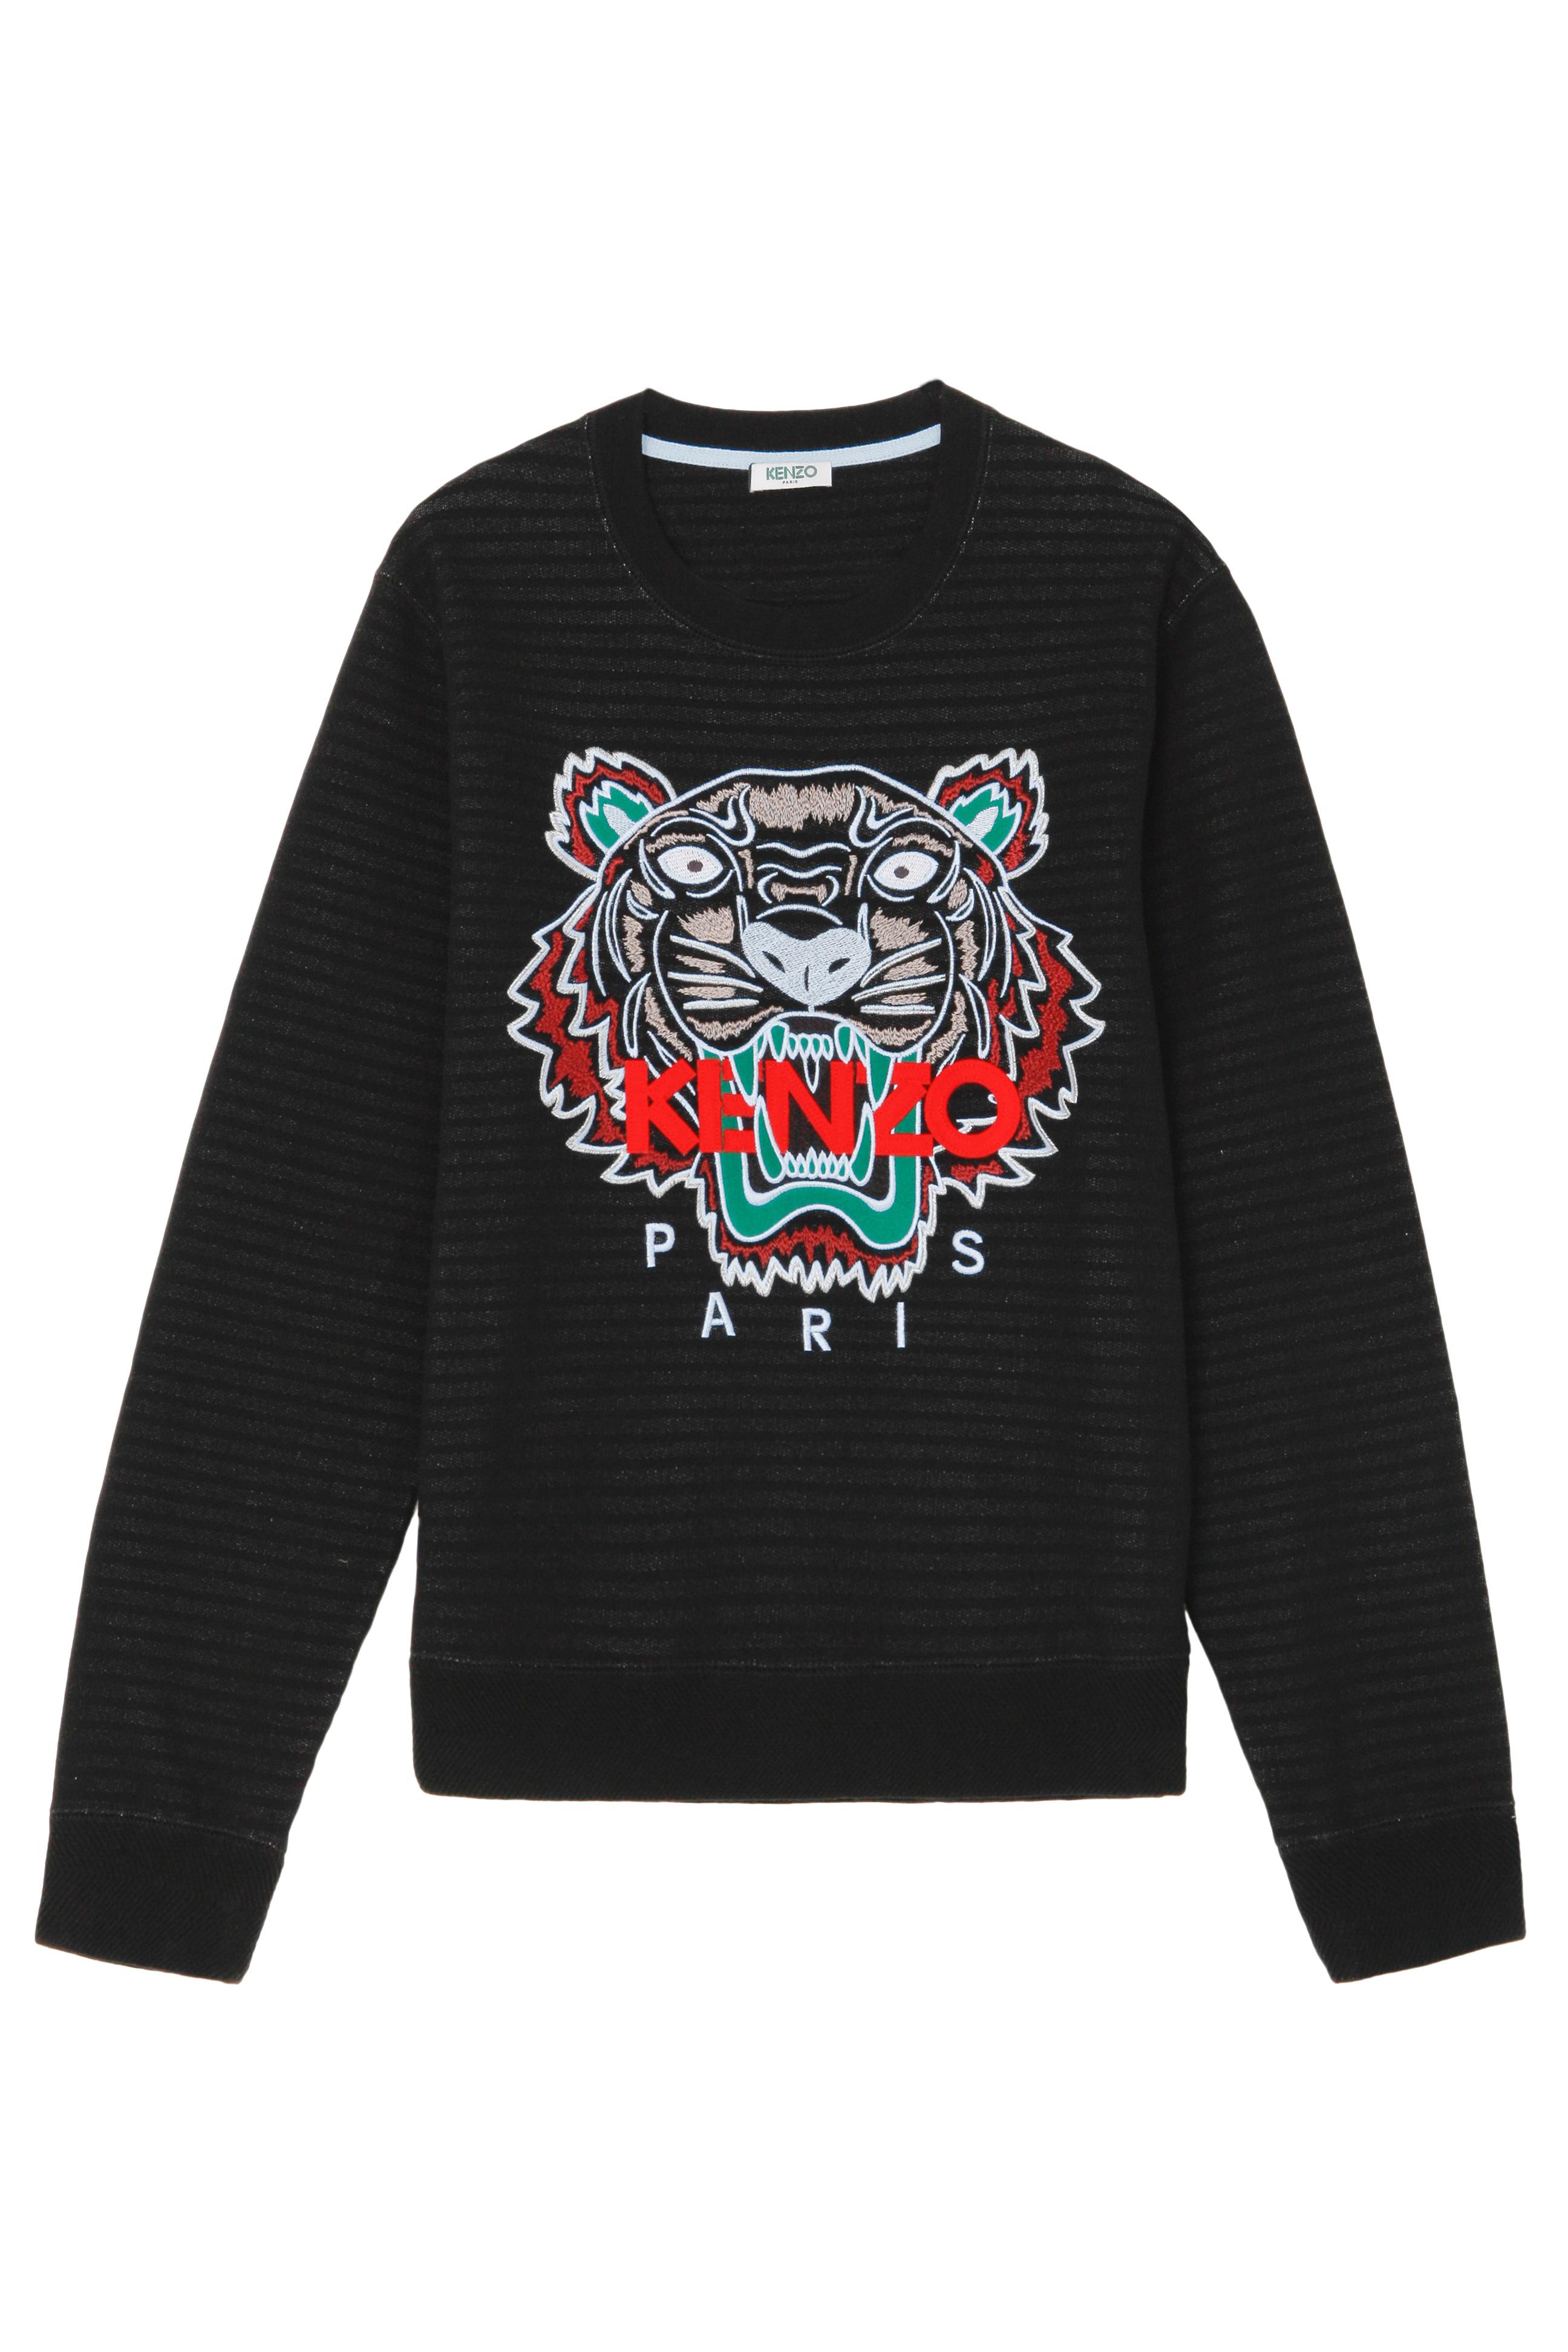 kenzo kenzo tiger embellished sweater in black for men lyst. Black Bedroom Furniture Sets. Home Design Ideas